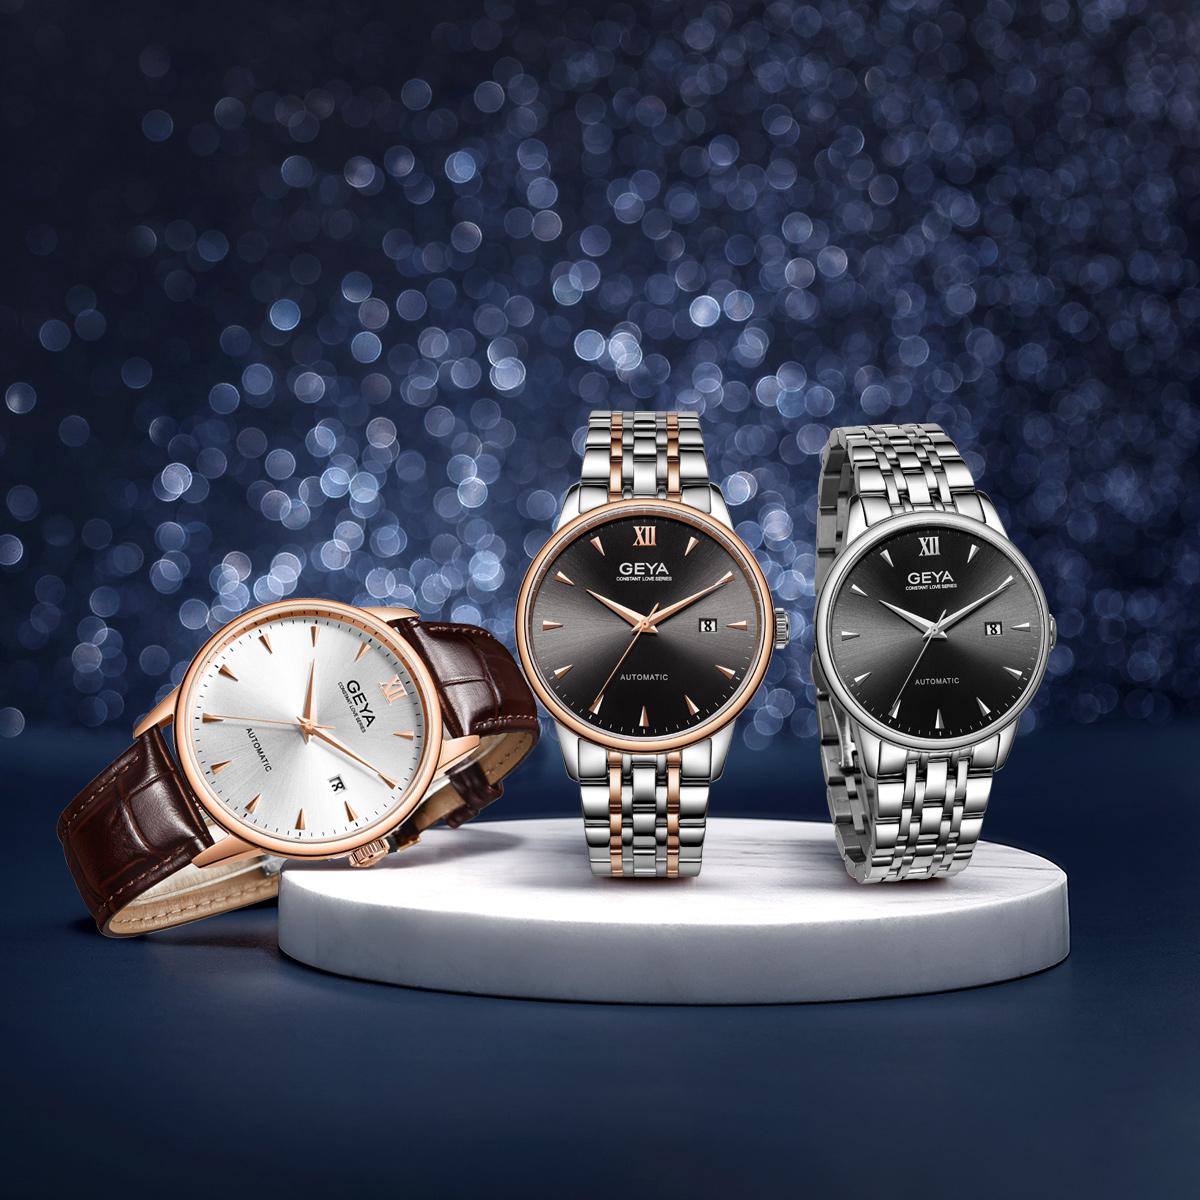 2019 新款男士商务男表 格雅手表男机械表男款正品名牌潮流国产腕表